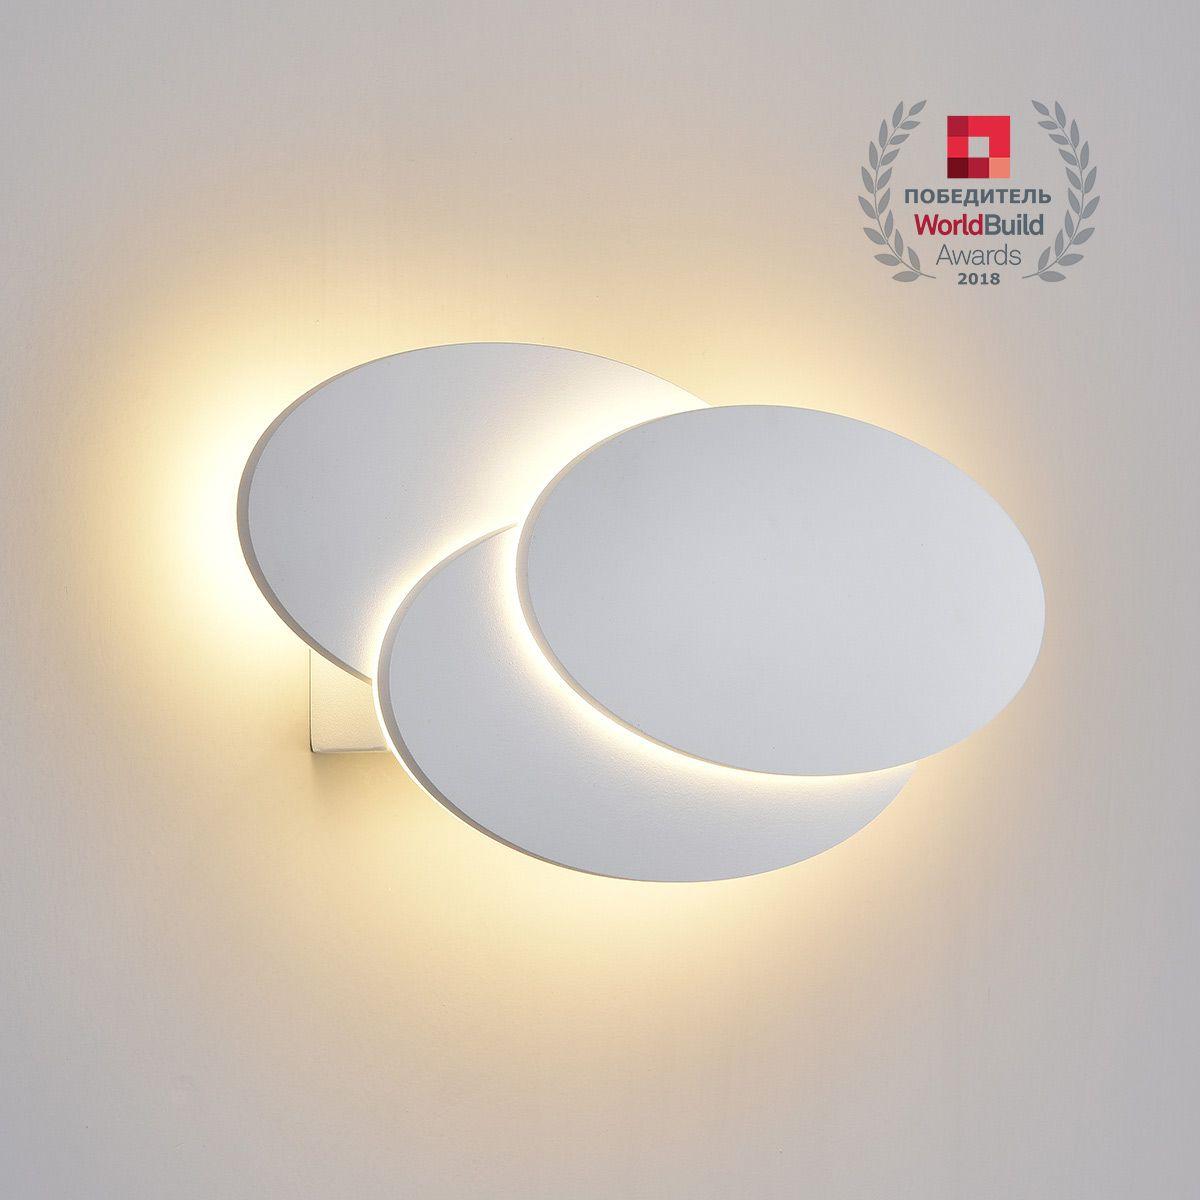 Настенный светодиодный светильник Elips LED MRL LED 12W 1014 IP20